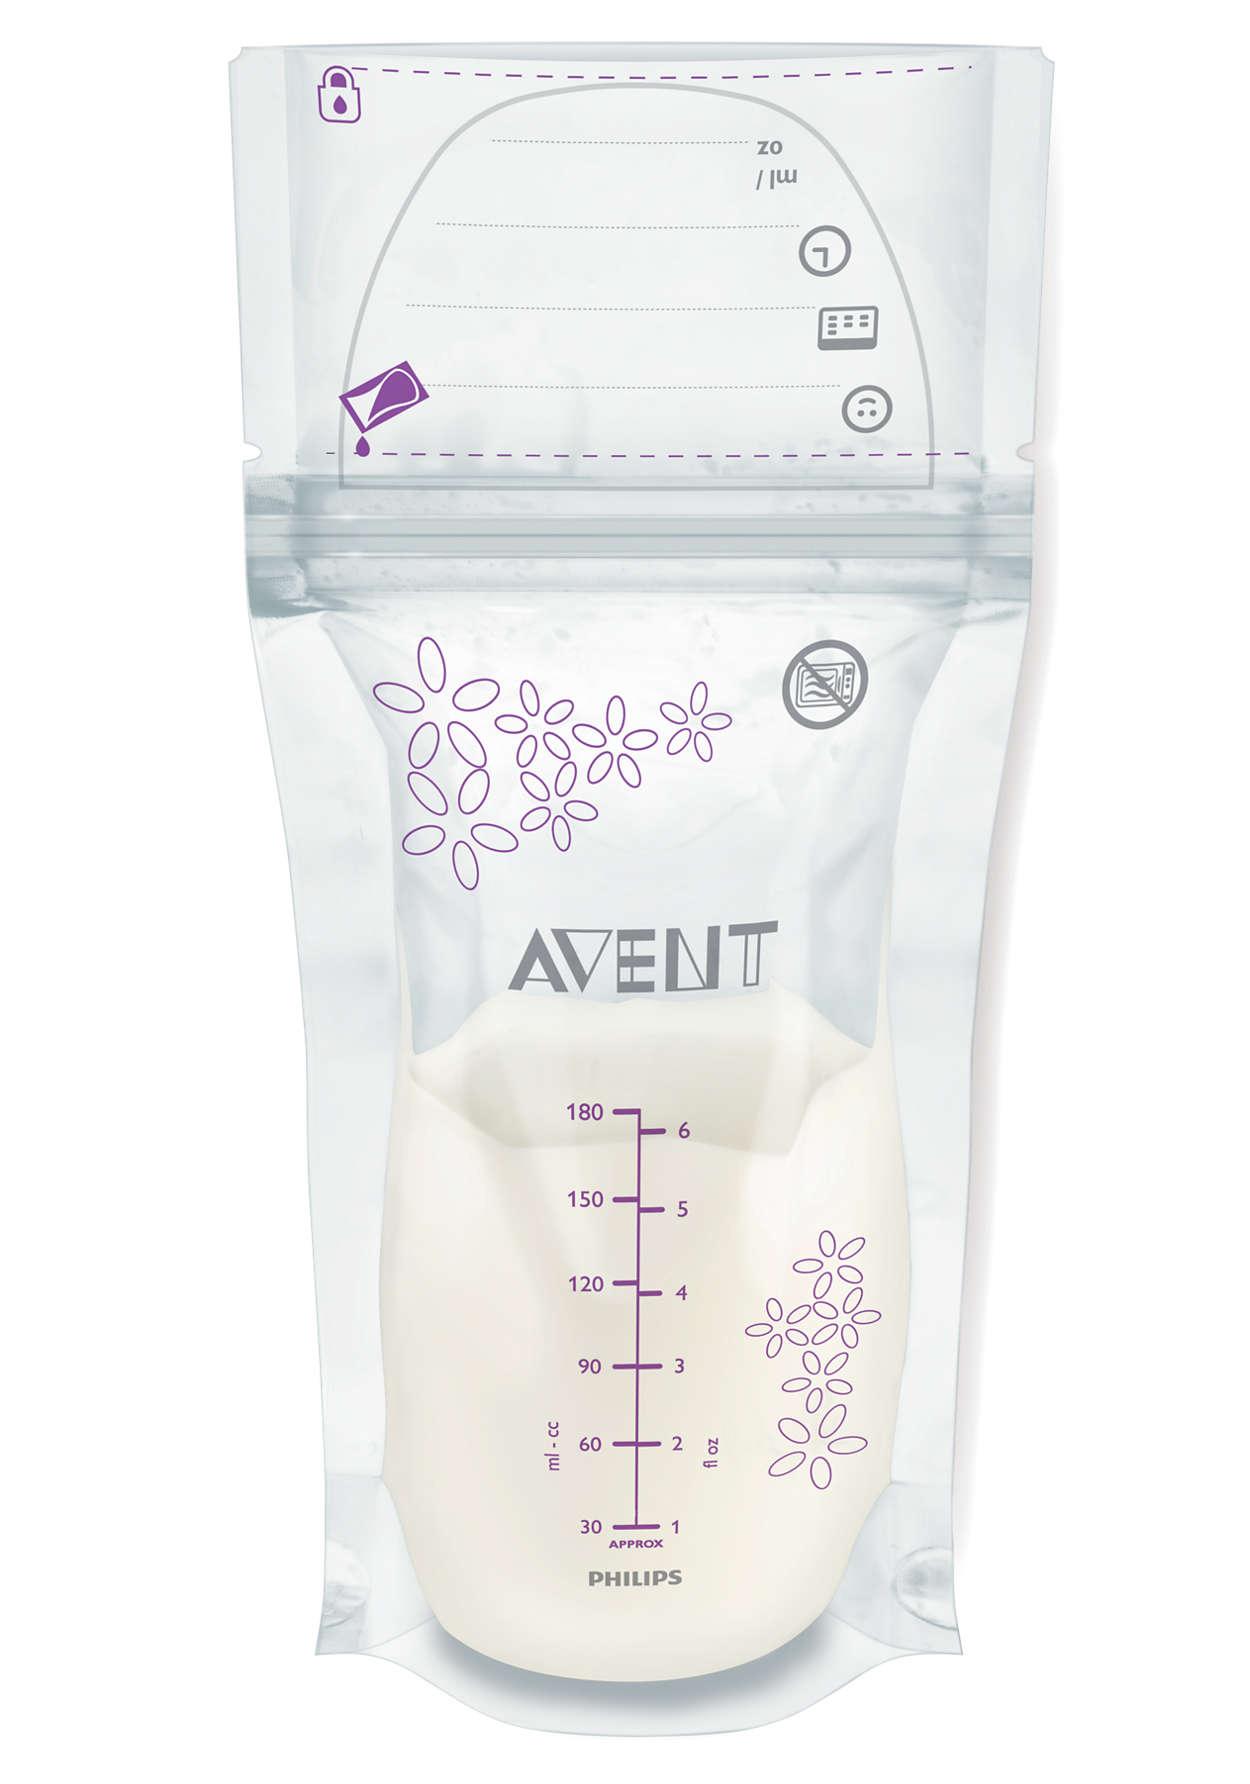 Avent Σακουλάκια Αποθήκευσης Μητρικού Γάλακτος 180ml 25τεμάχια